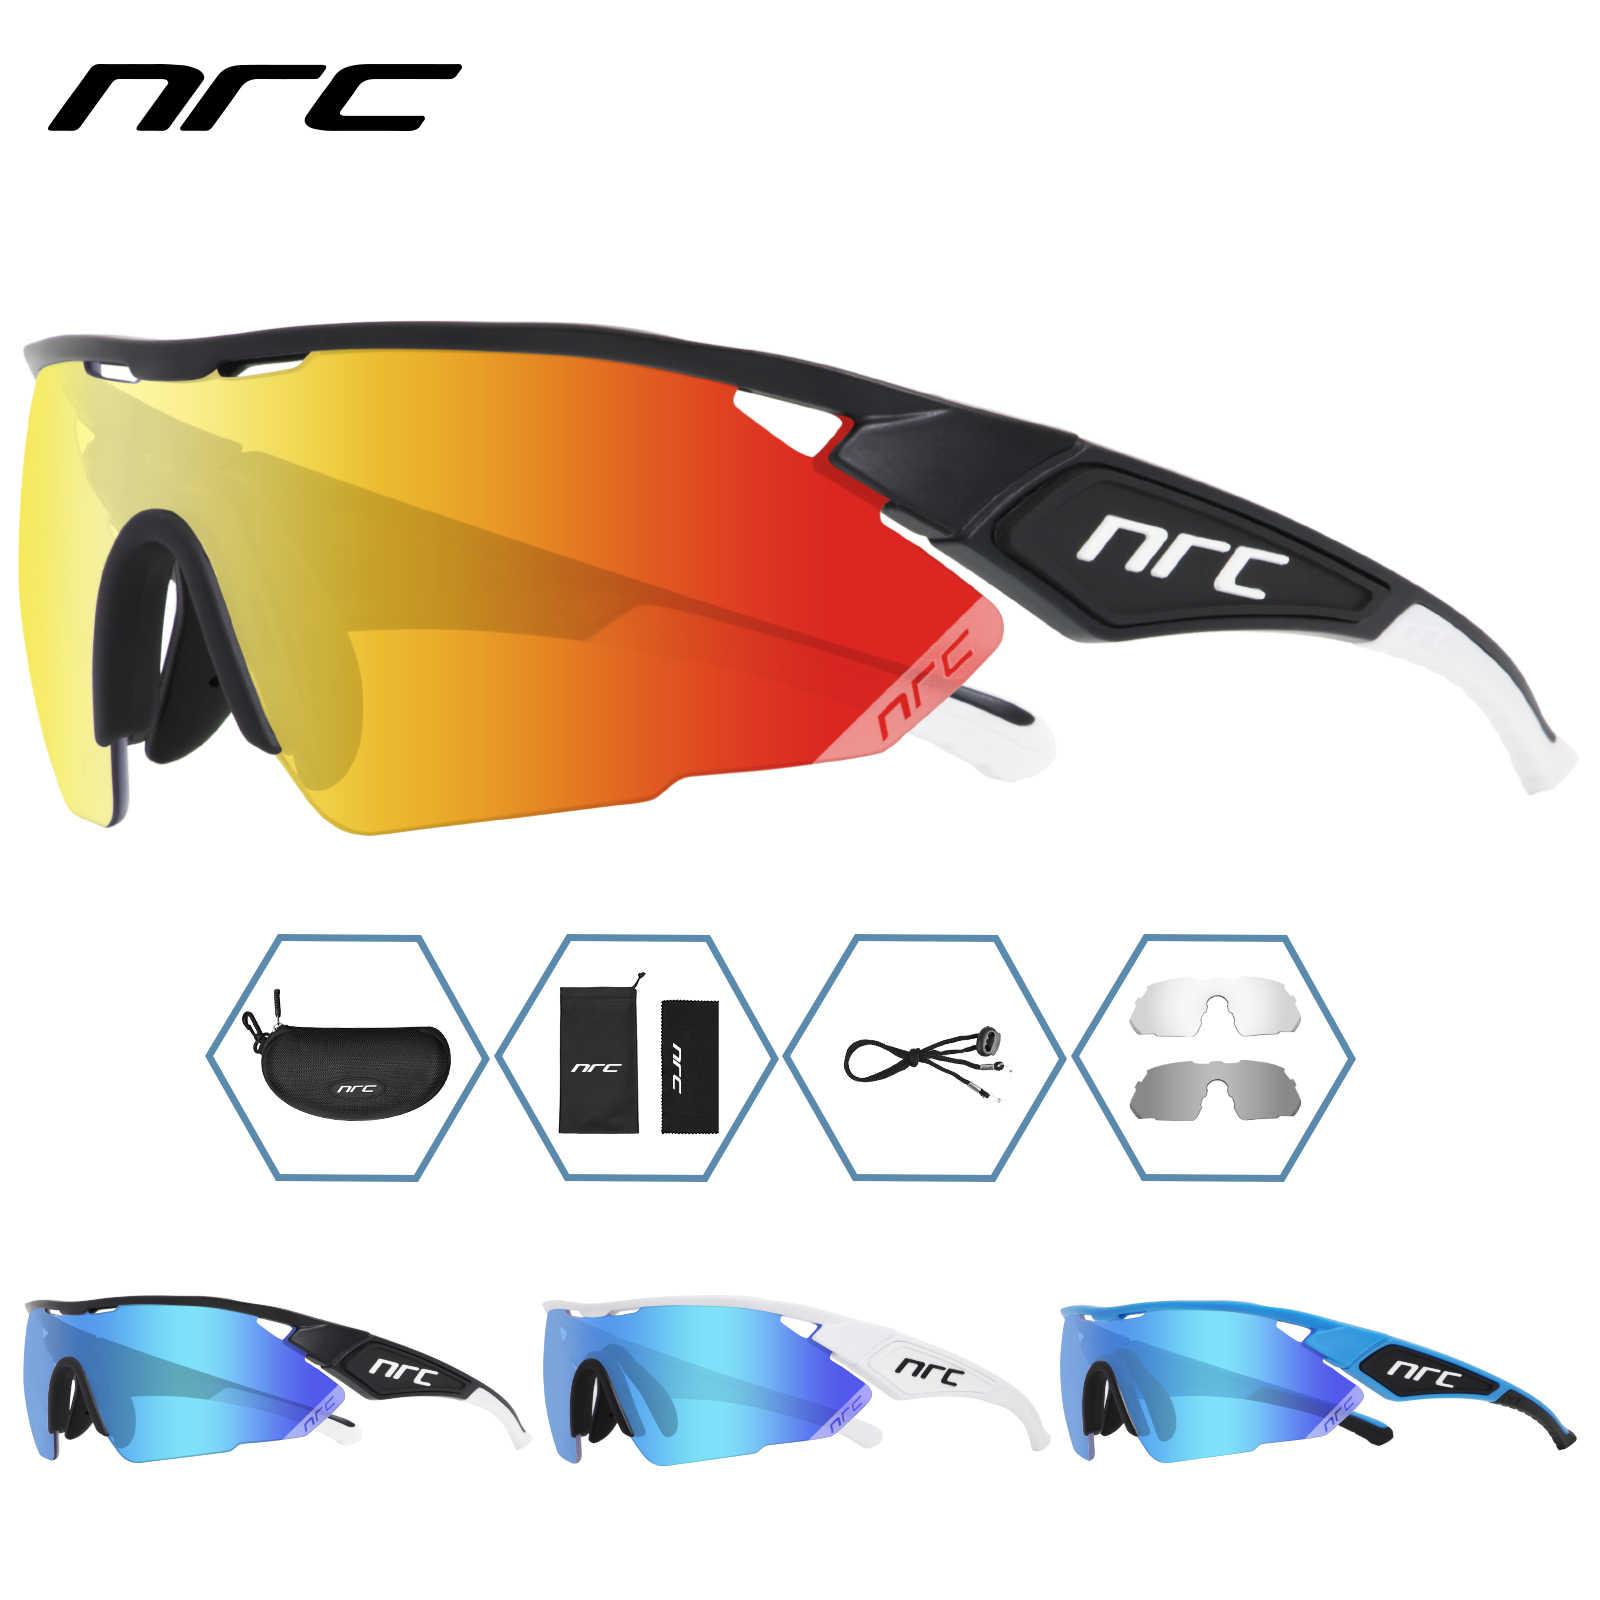 Велосипедные очки NRC с 3 линзами, очки для горного и дорожного велосипеда UV400, велосипедные солнцезащитные очки TR90, спортивные очки для улицы, красные мужские очки